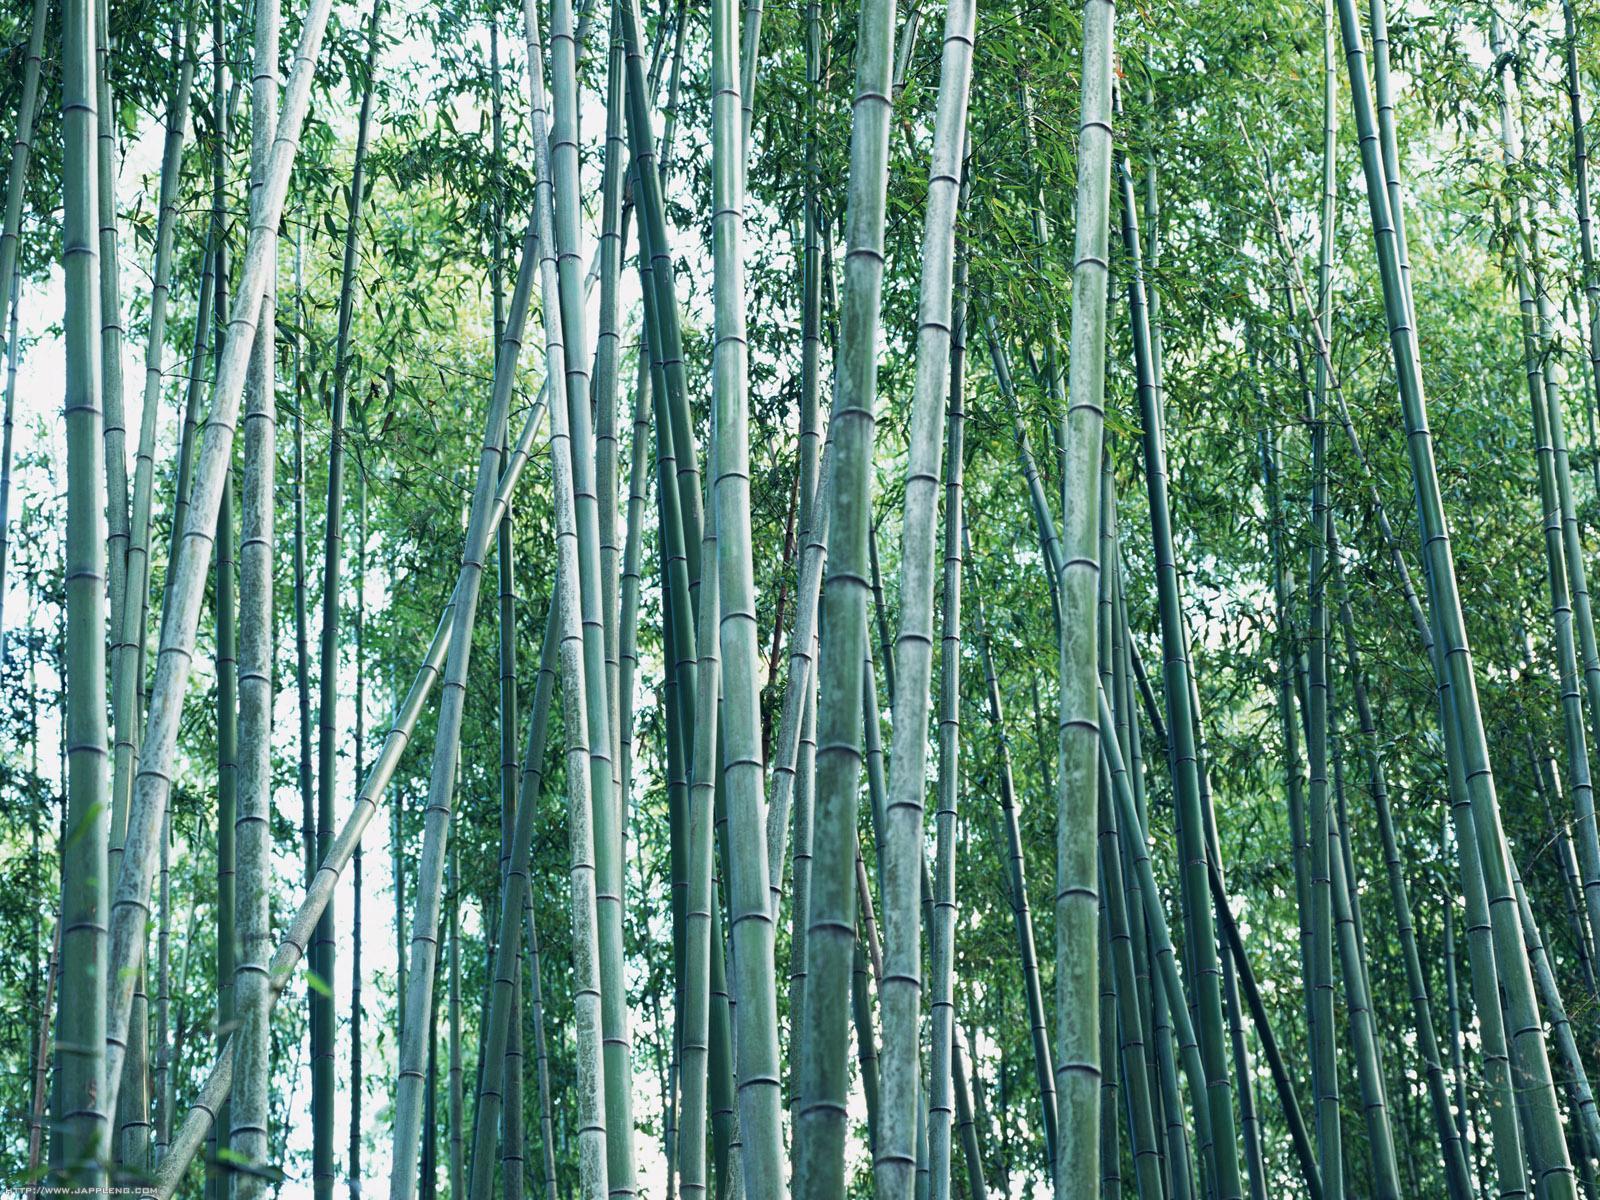 http://2.bp.blogspot.com/-hauXVSXlNc0/Tq0ce0JmWZI/AAAAAAAABe0/PvUhqyhg6to/s1600/japanese-bamboo-wallpaper.jpg